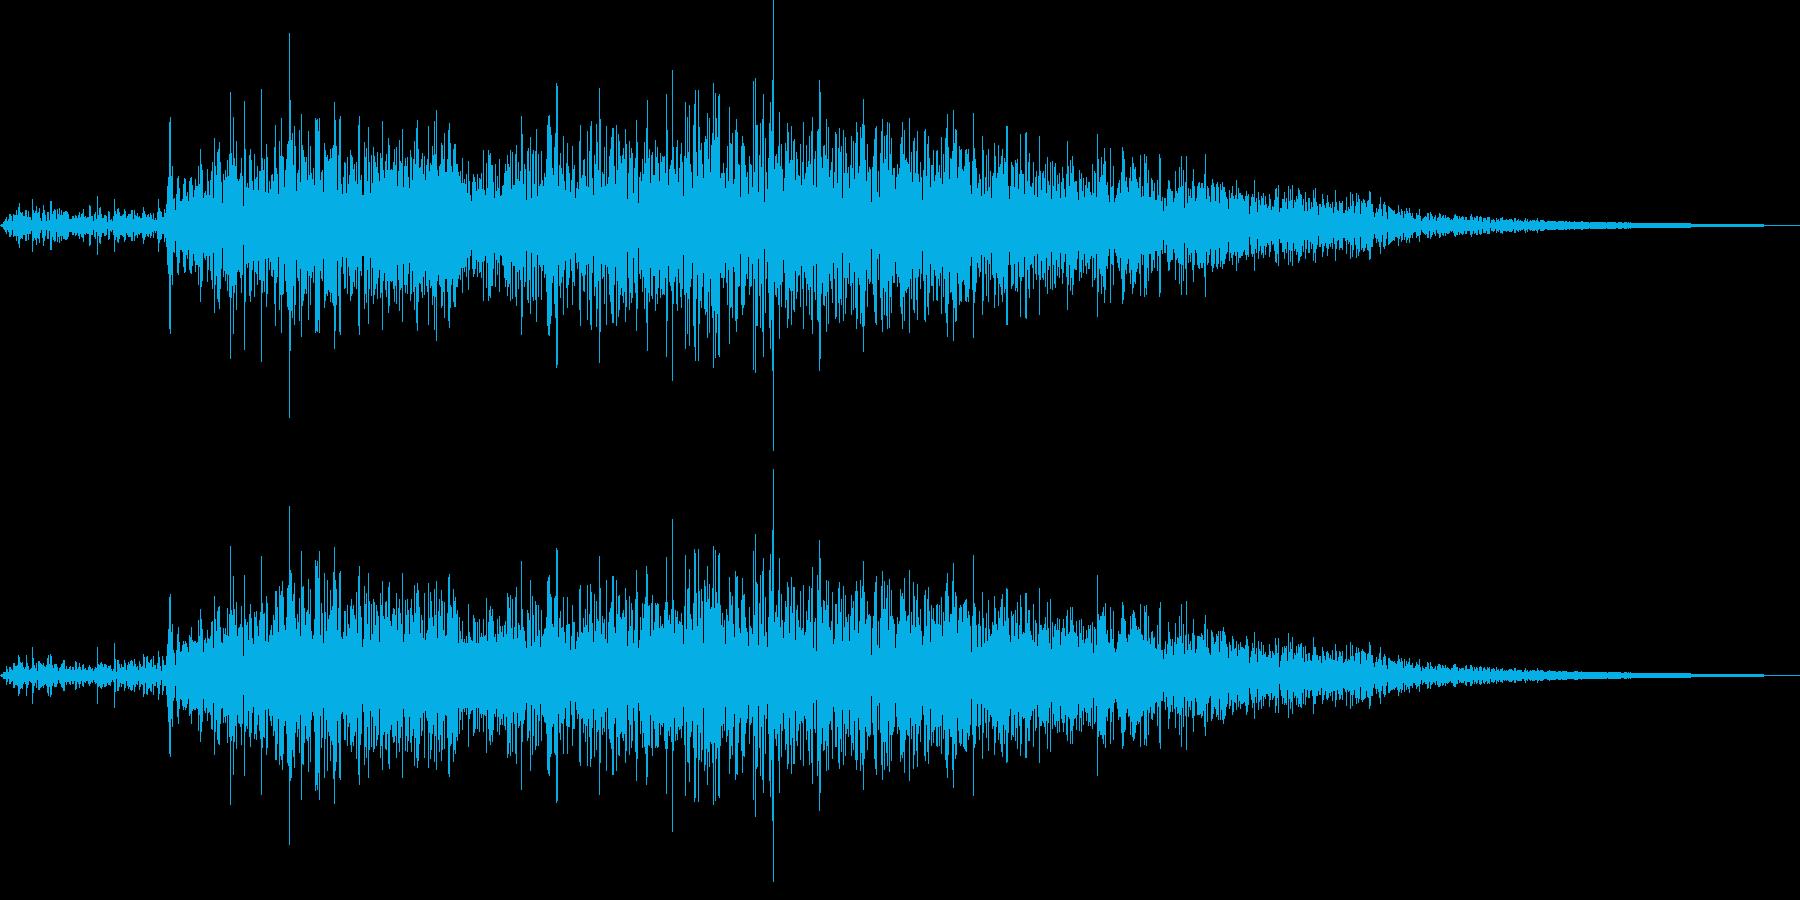 【ゲーム】 火 属性 03の再生済みの波形